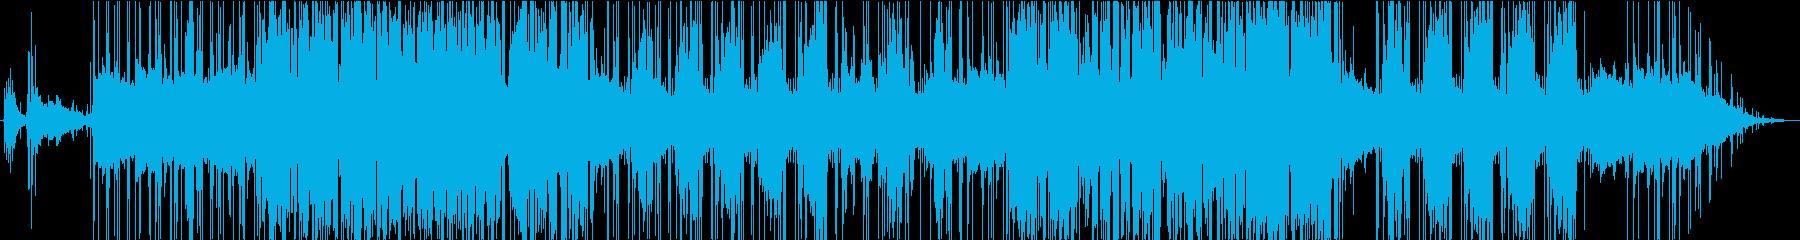 フルコトブミの再生済みの波形